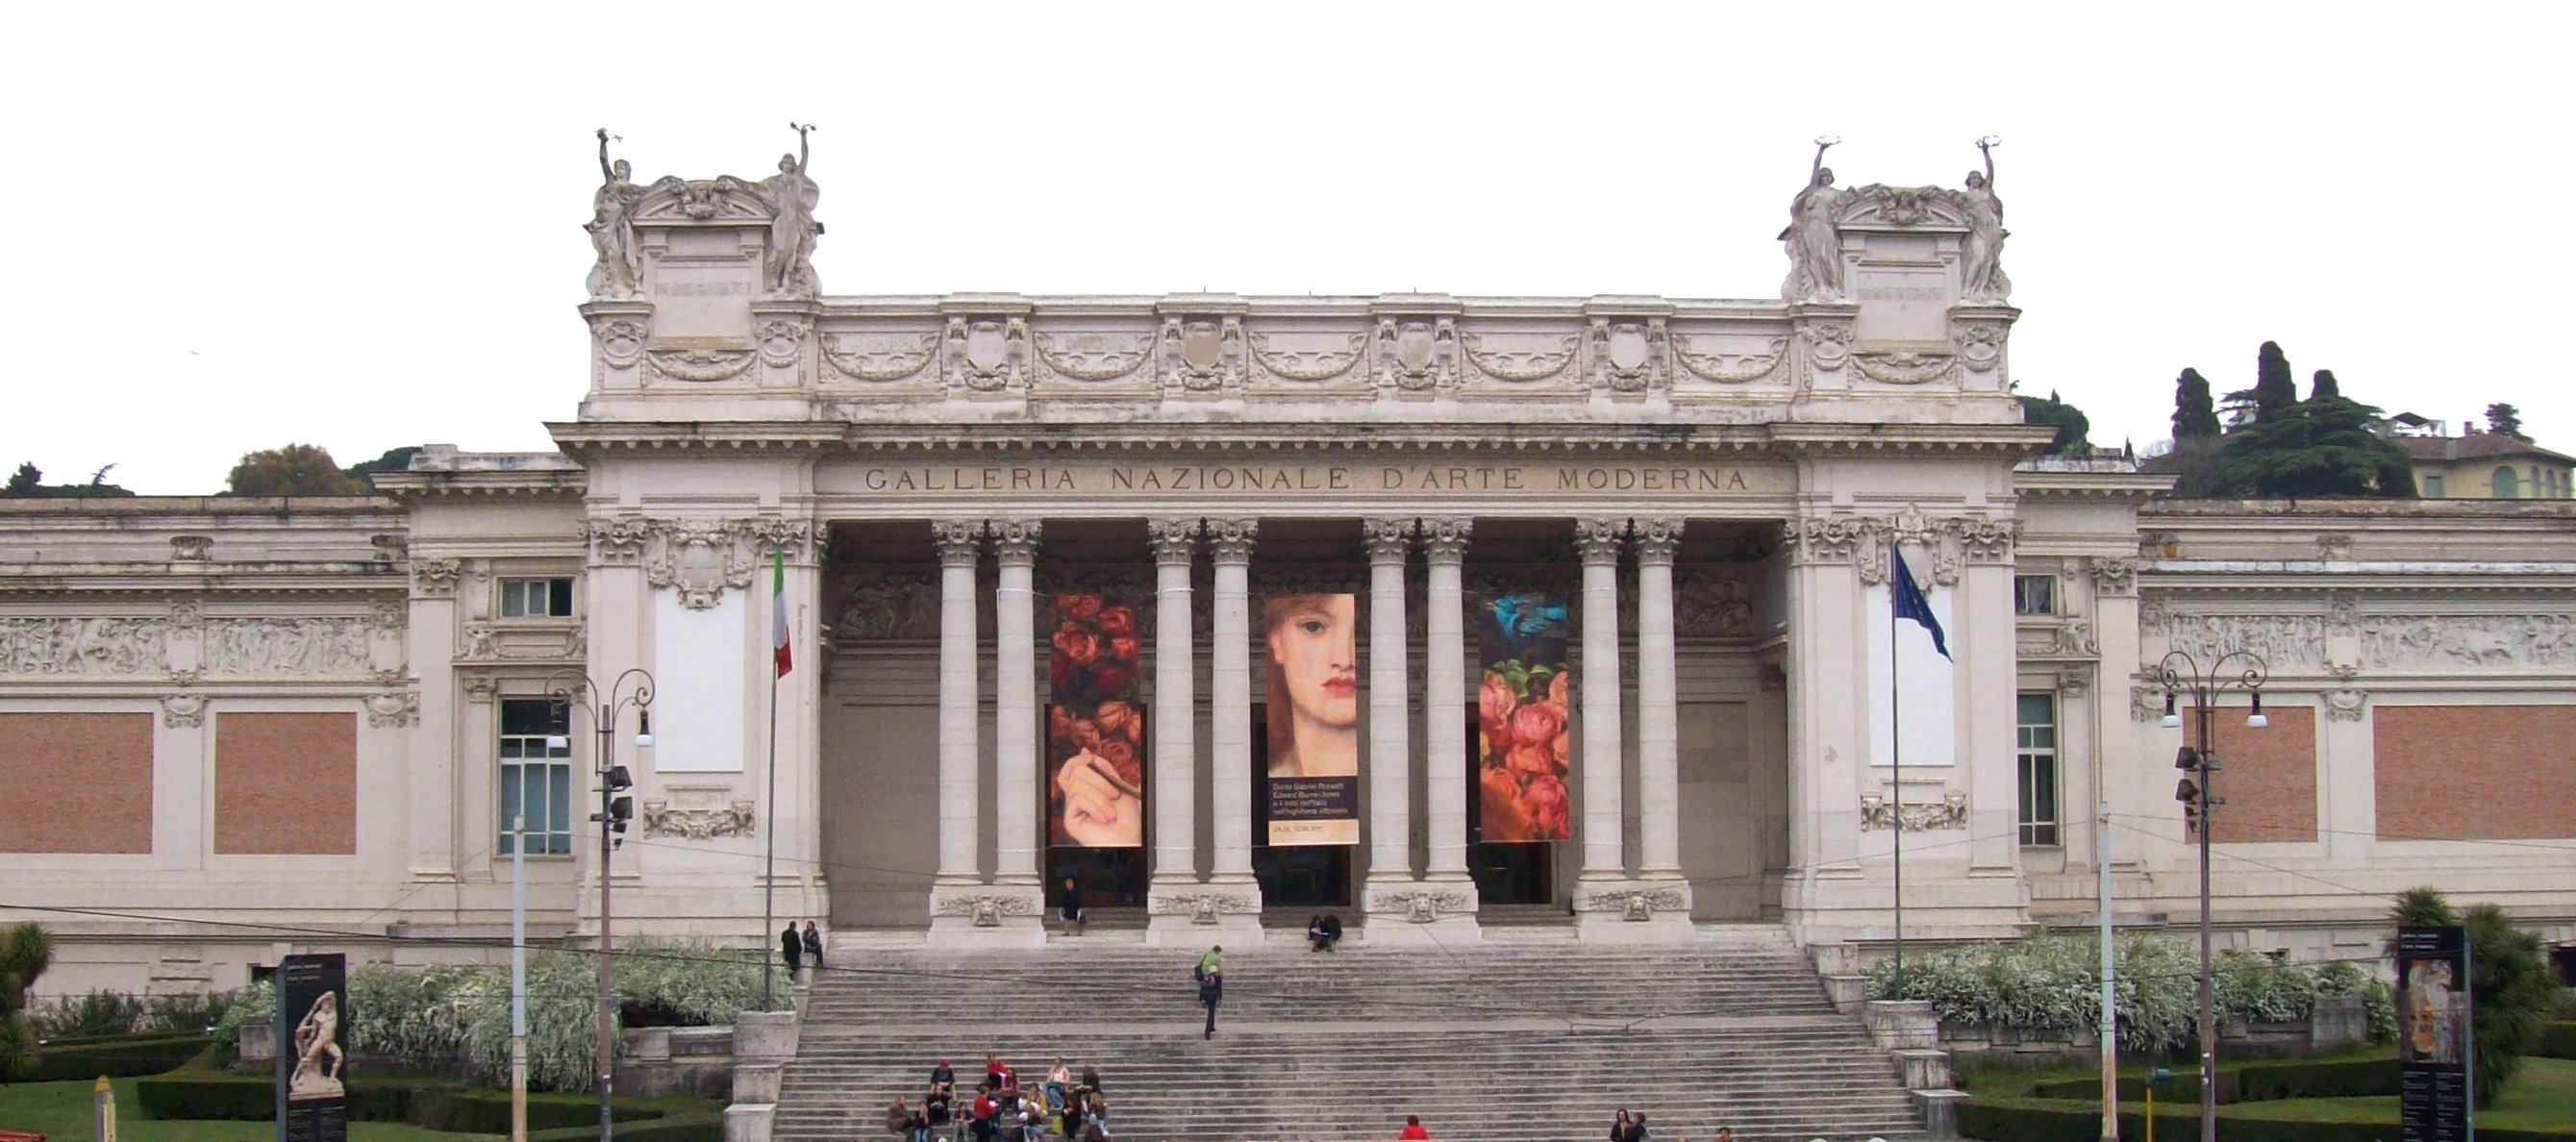 Quadri Moderni Roma Vendita galleria nazionale d'arte moderna e contemporanea - wikipedia